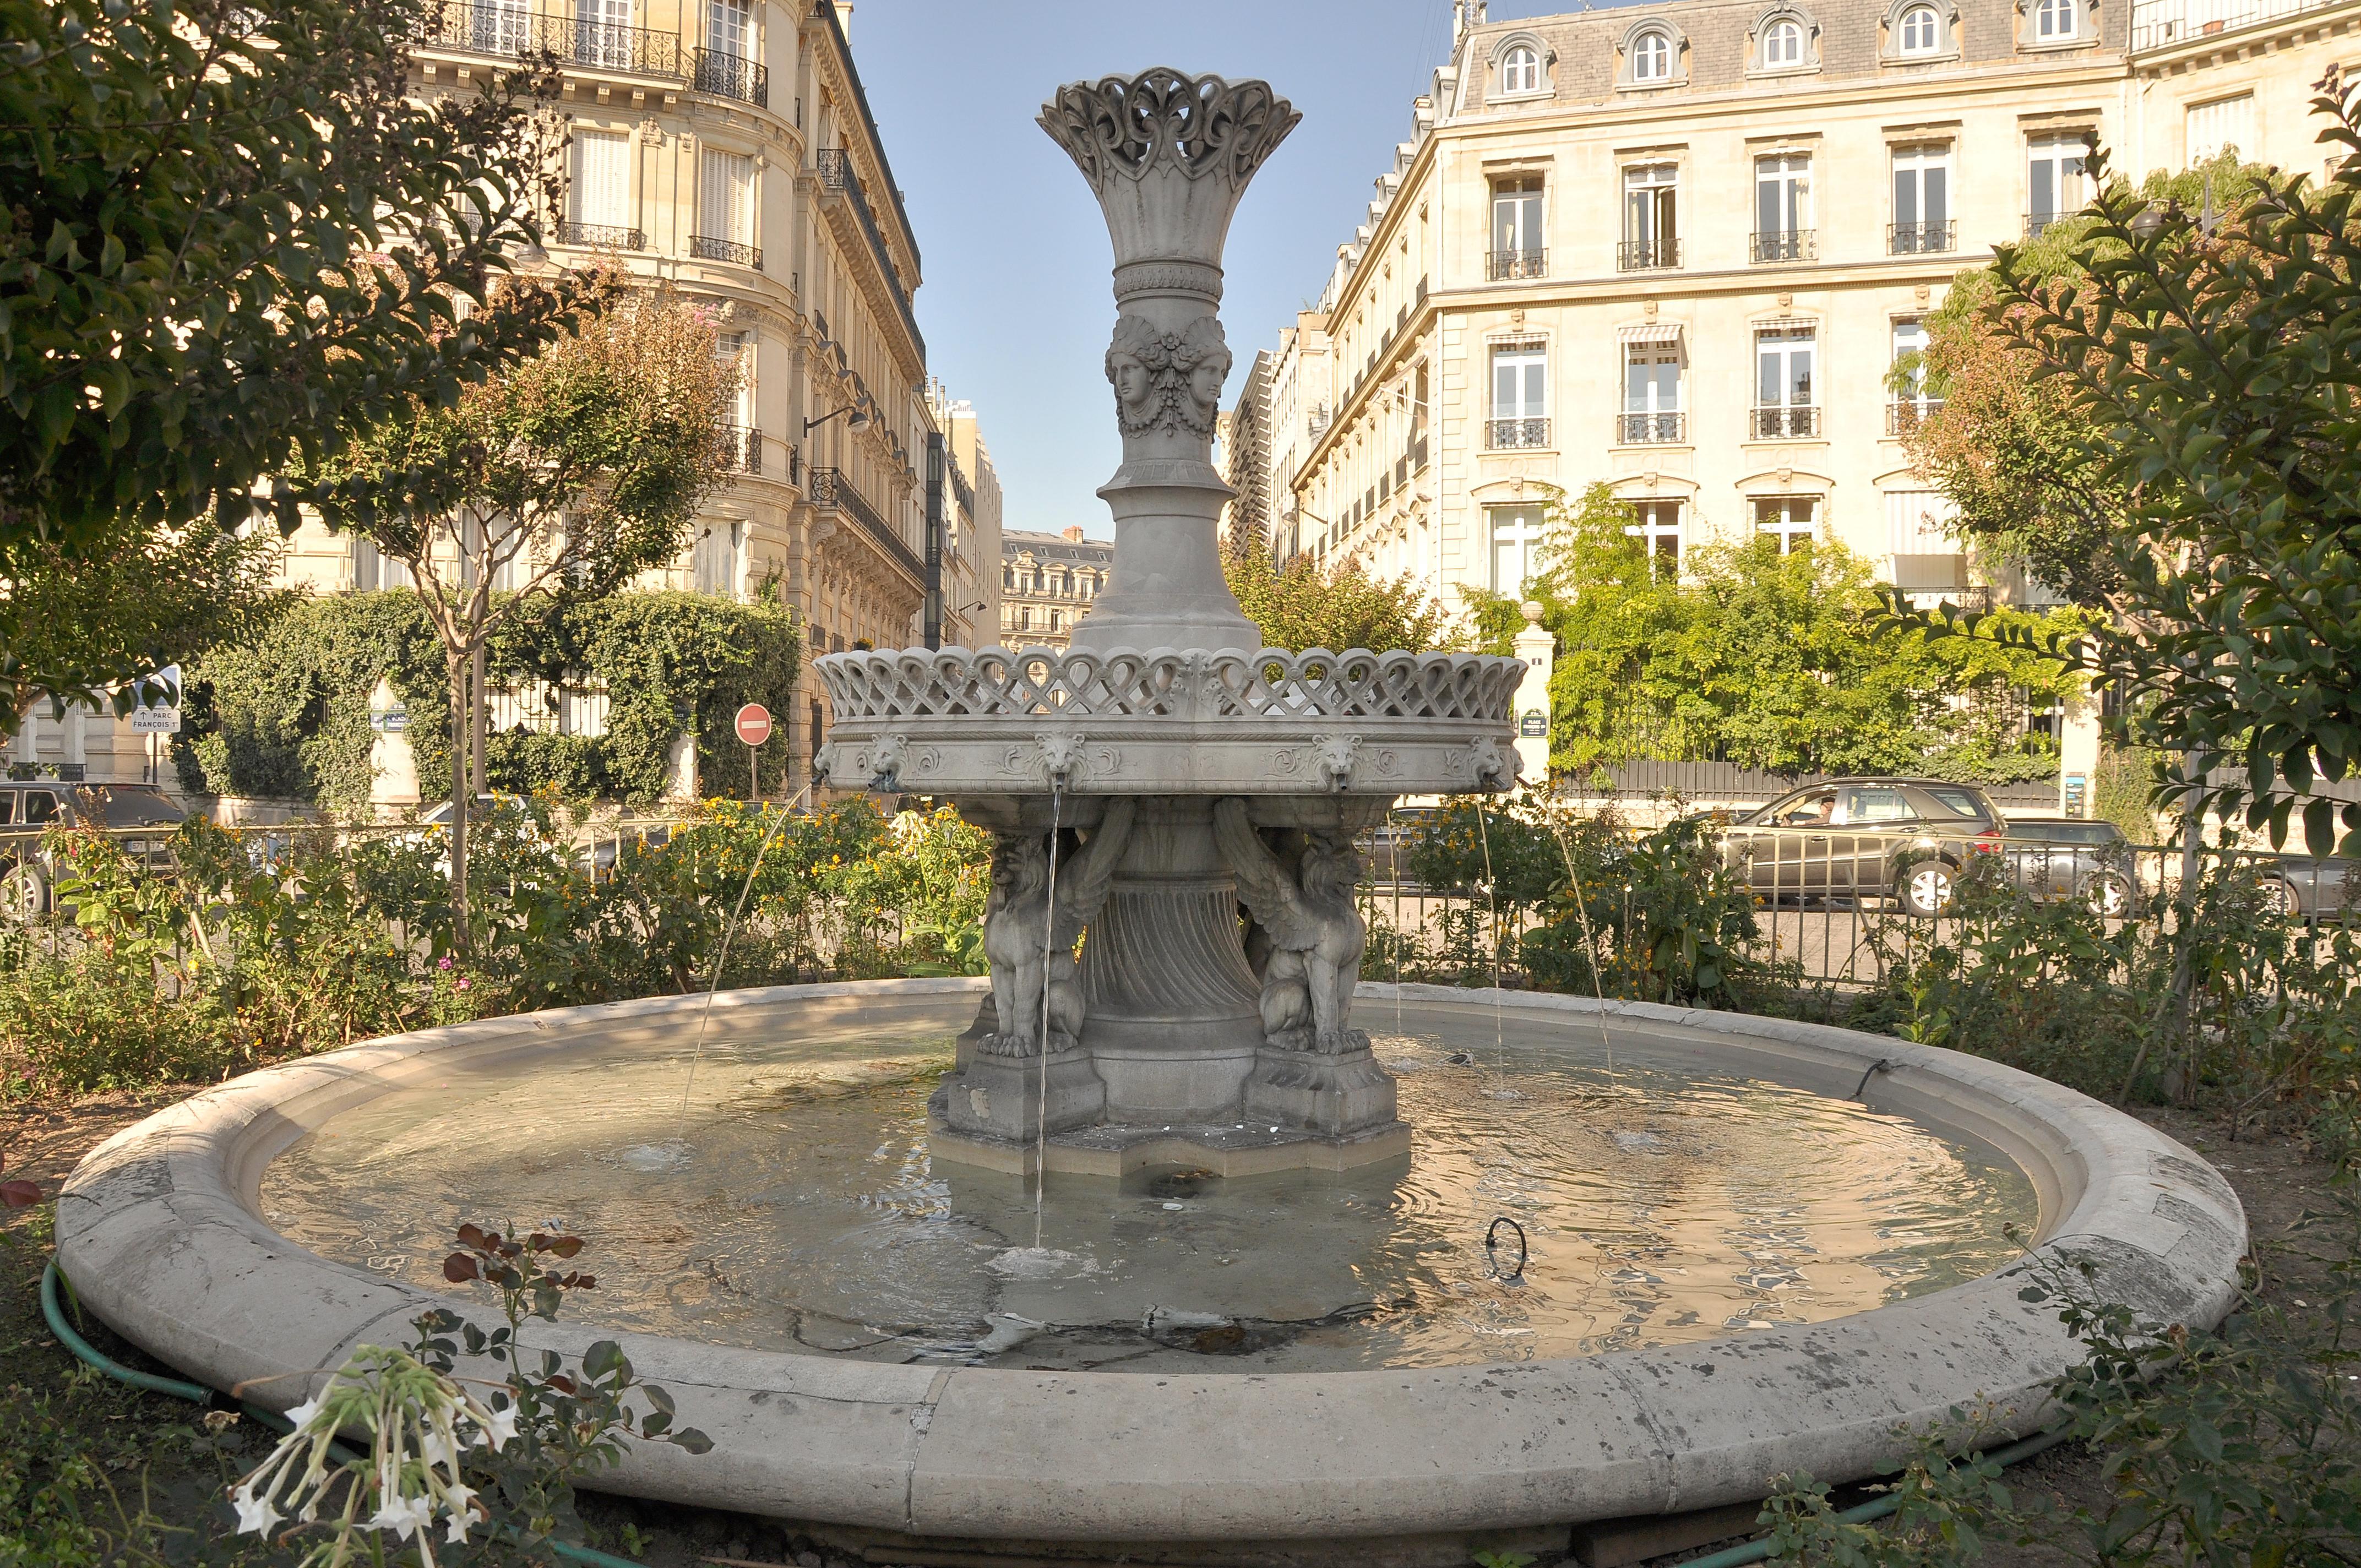 Decorer Une Fontaine De Jardinavec Des Fleurs Alsace